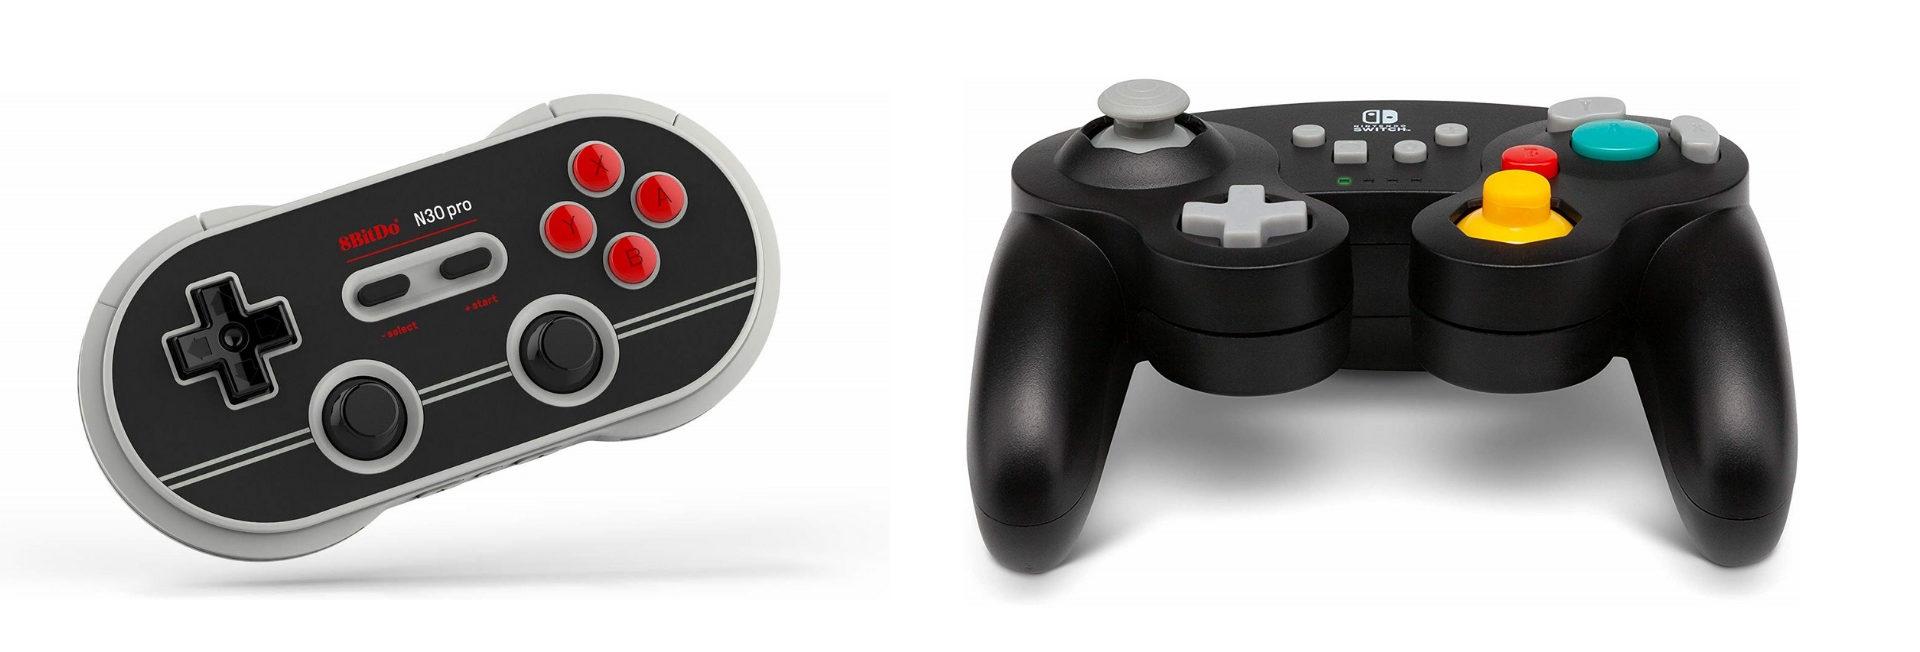 Best Budget Nintendo Switch Controllers | Detechtors